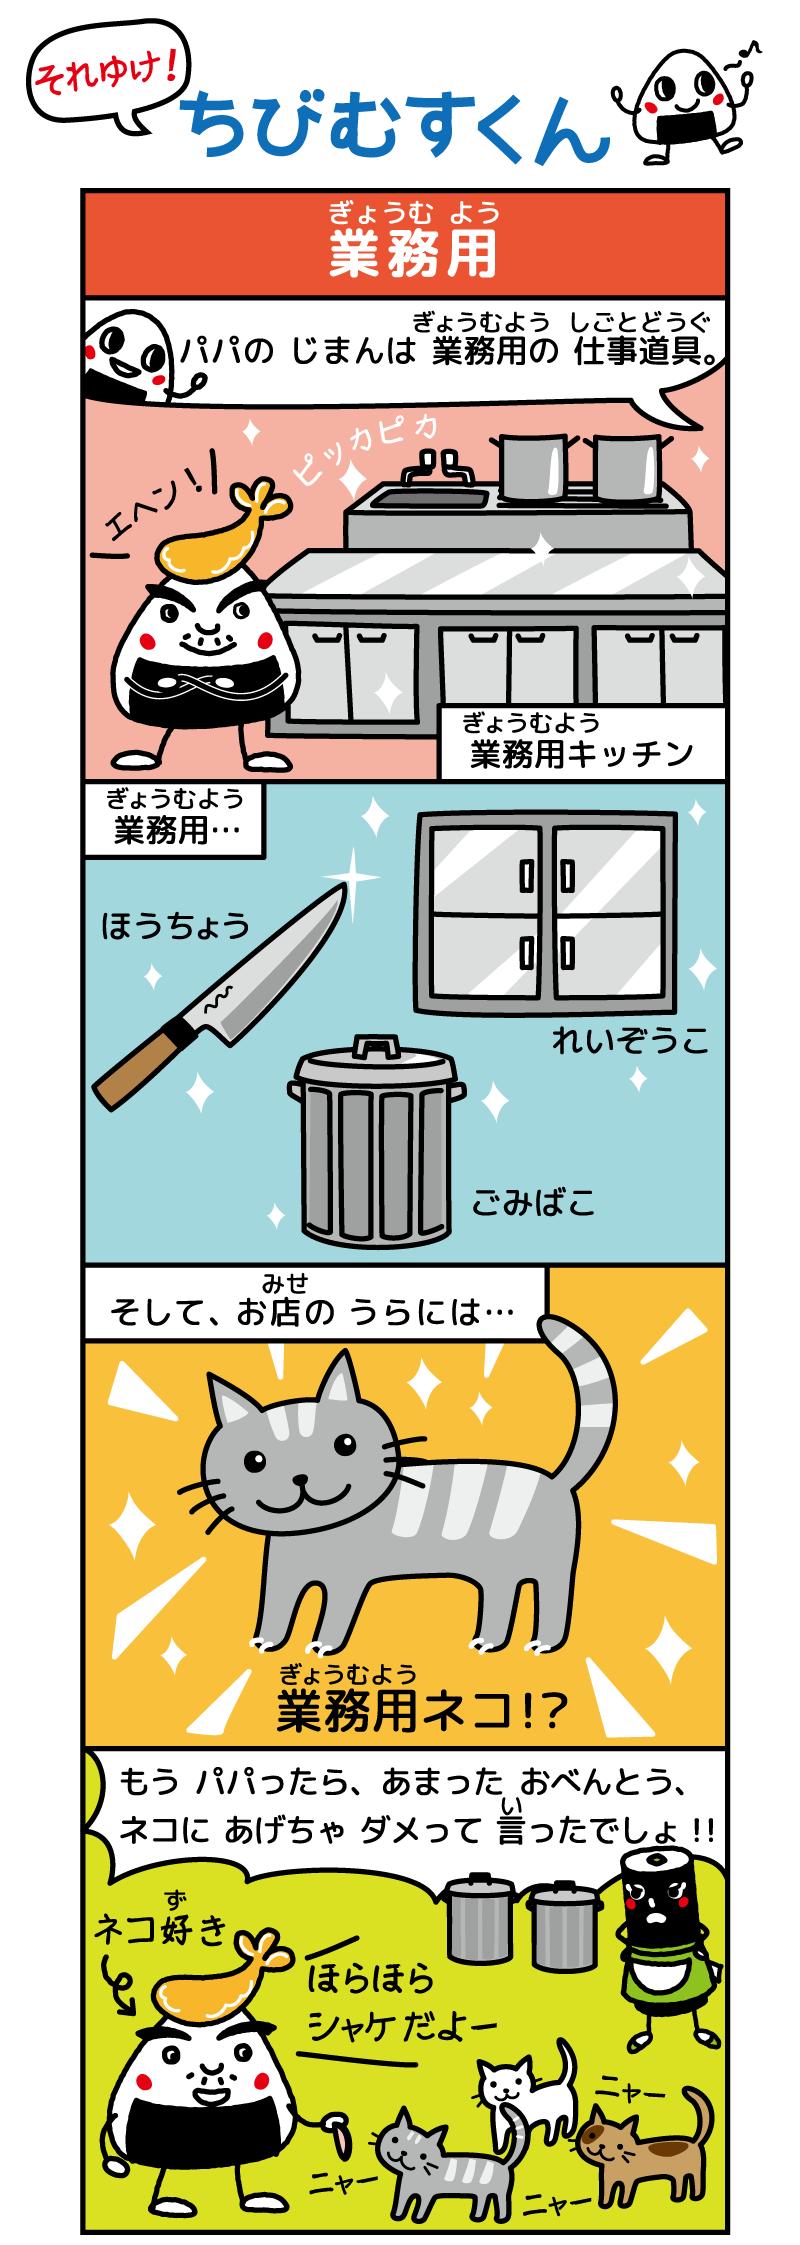 それゆけ!ちびむすくん 4コマ漫画「業務用」の巻